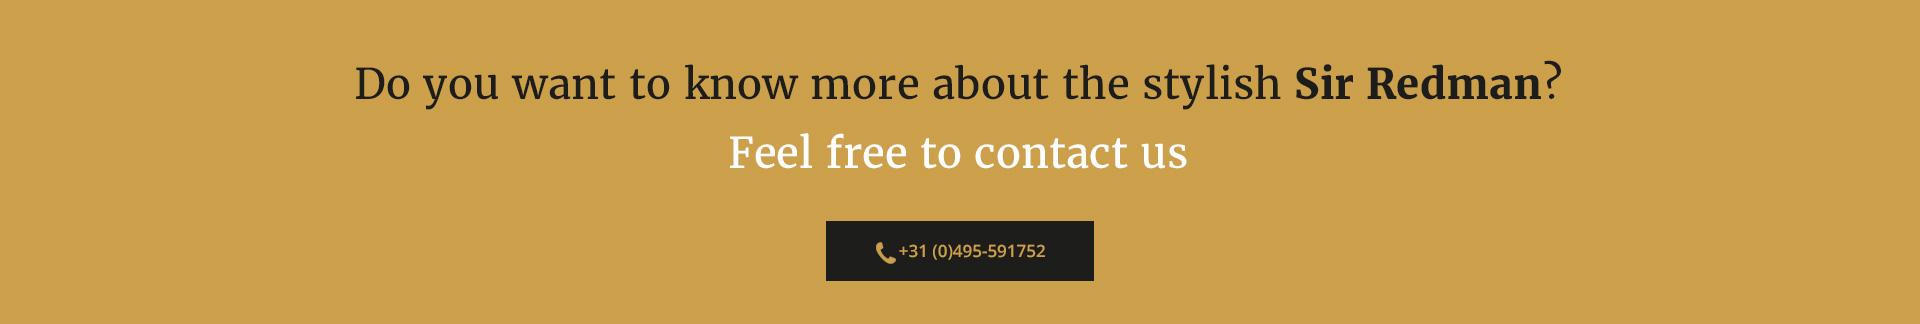 Sir Redman contact